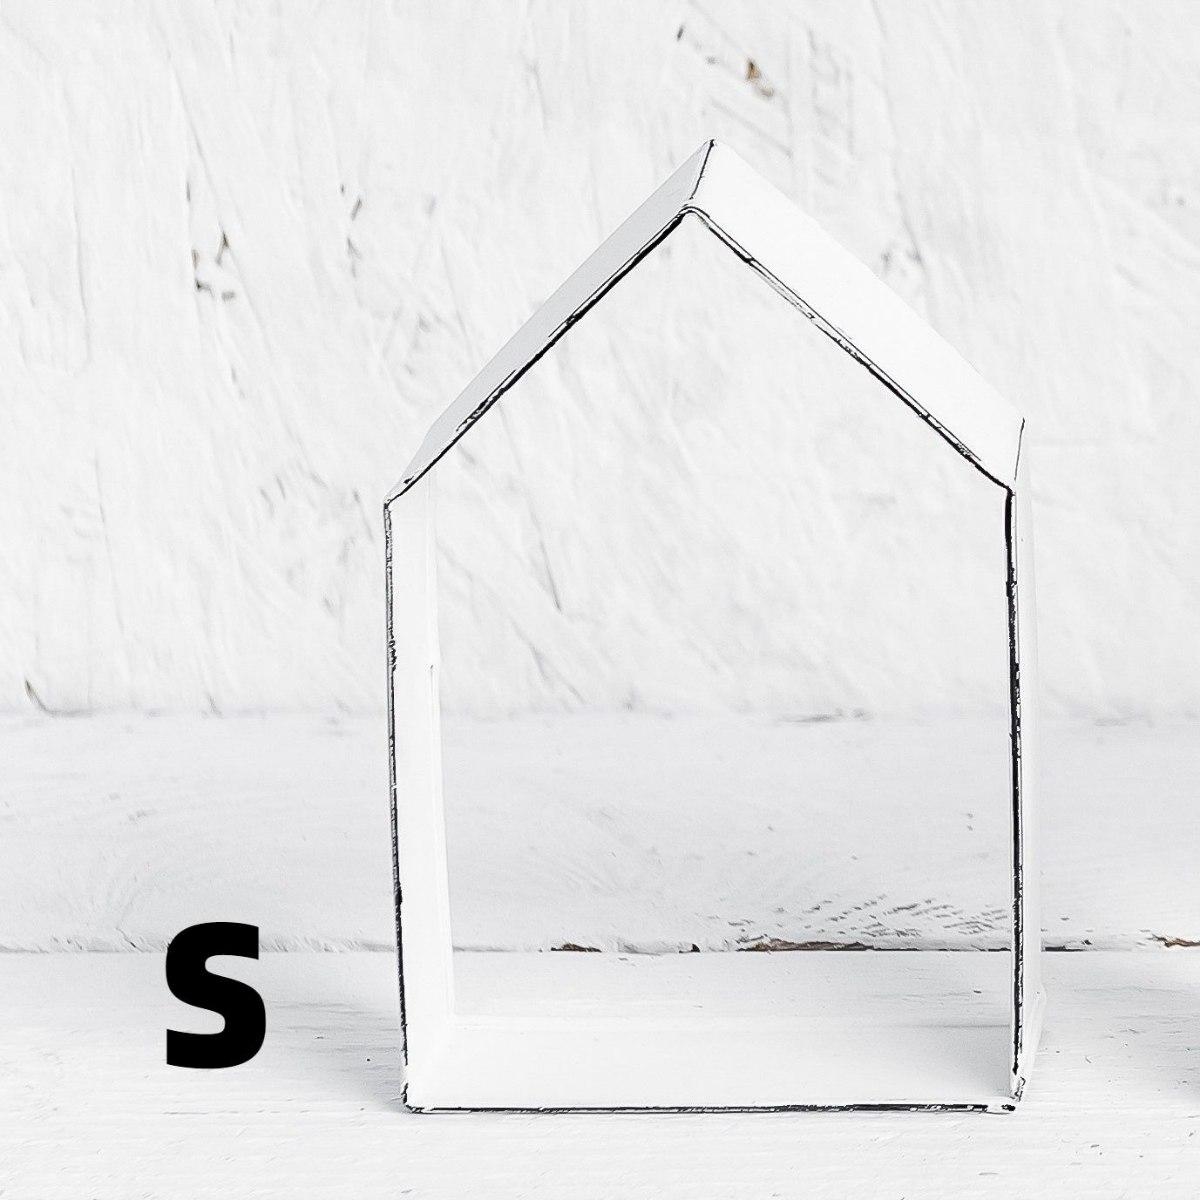 בית S - לבן